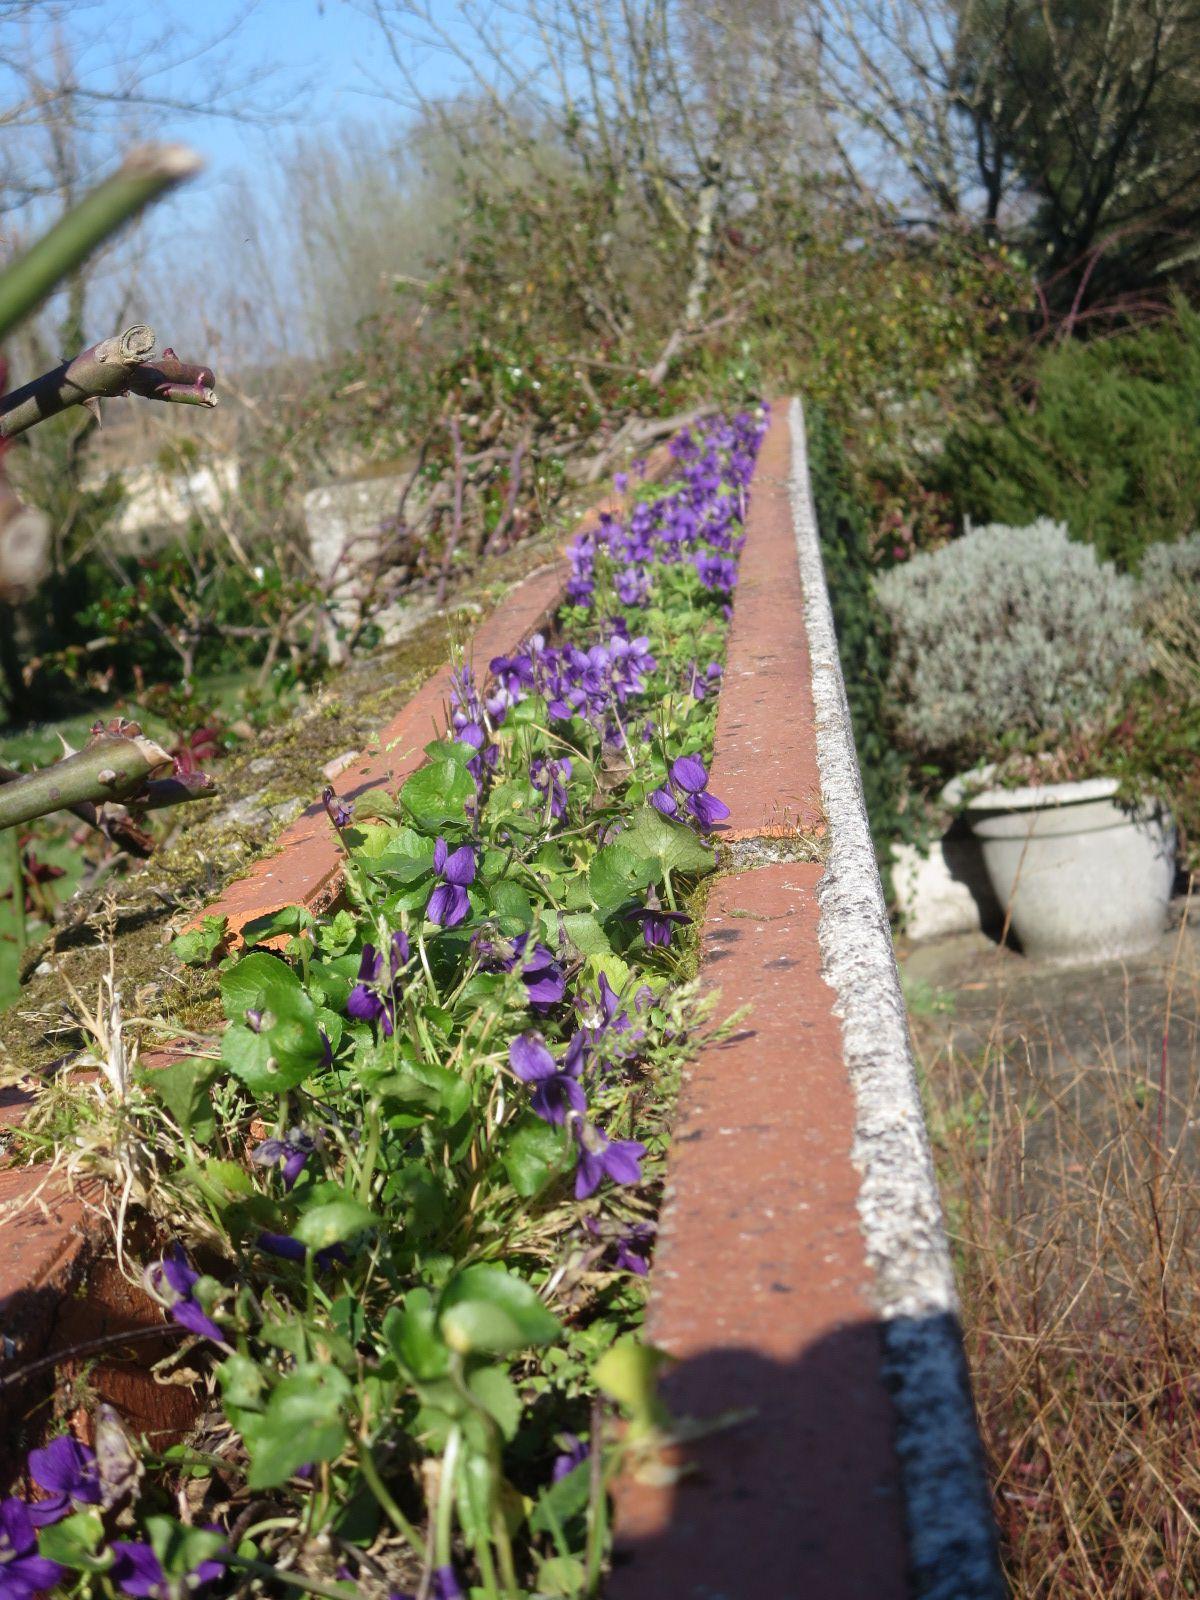 La terrasse et ses abords sont encore bien nus mais ça bourdonne quand même et puis je finis cet article sur les frileuses du patio trop froid, qui fleurissent timidement .